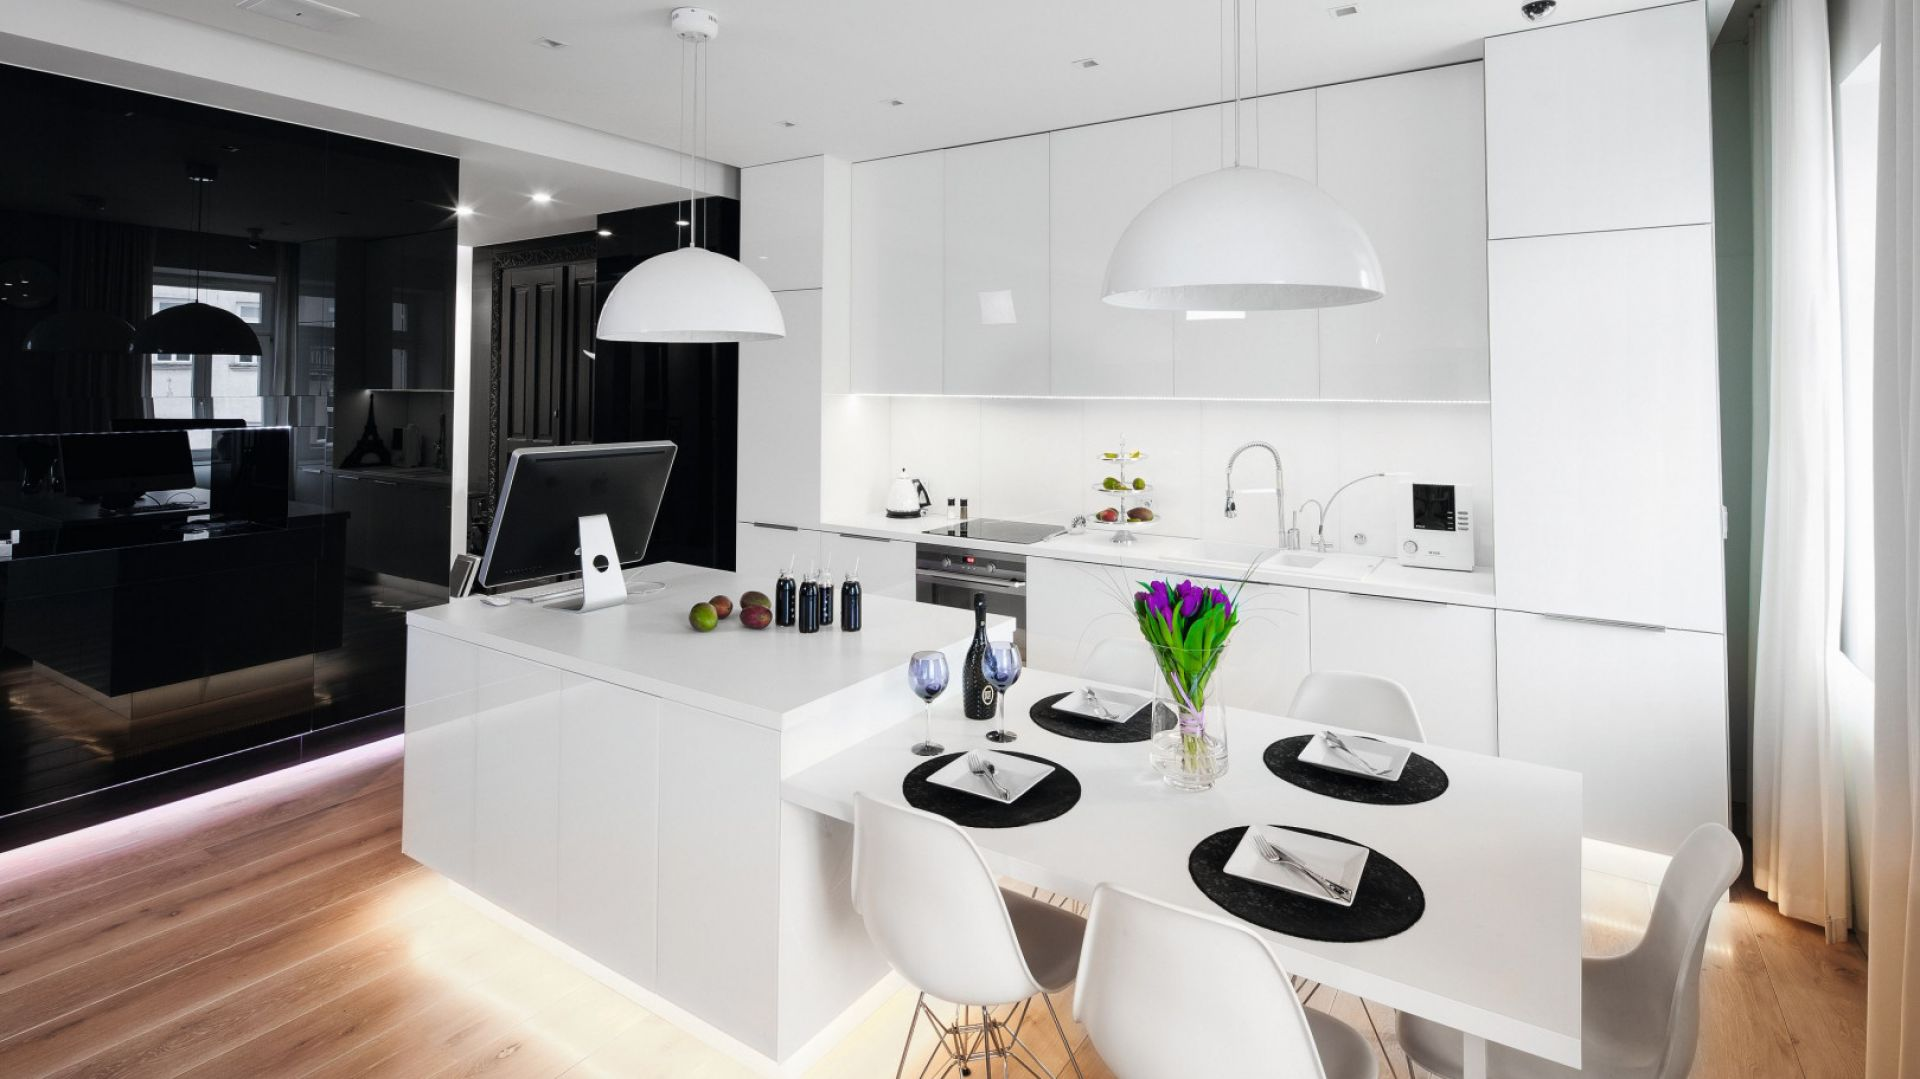 Oświetlenie LED w kuchni. Projekt: Małgorzata Muc, Joanna Scott. Fot. Bartosz Jarosz